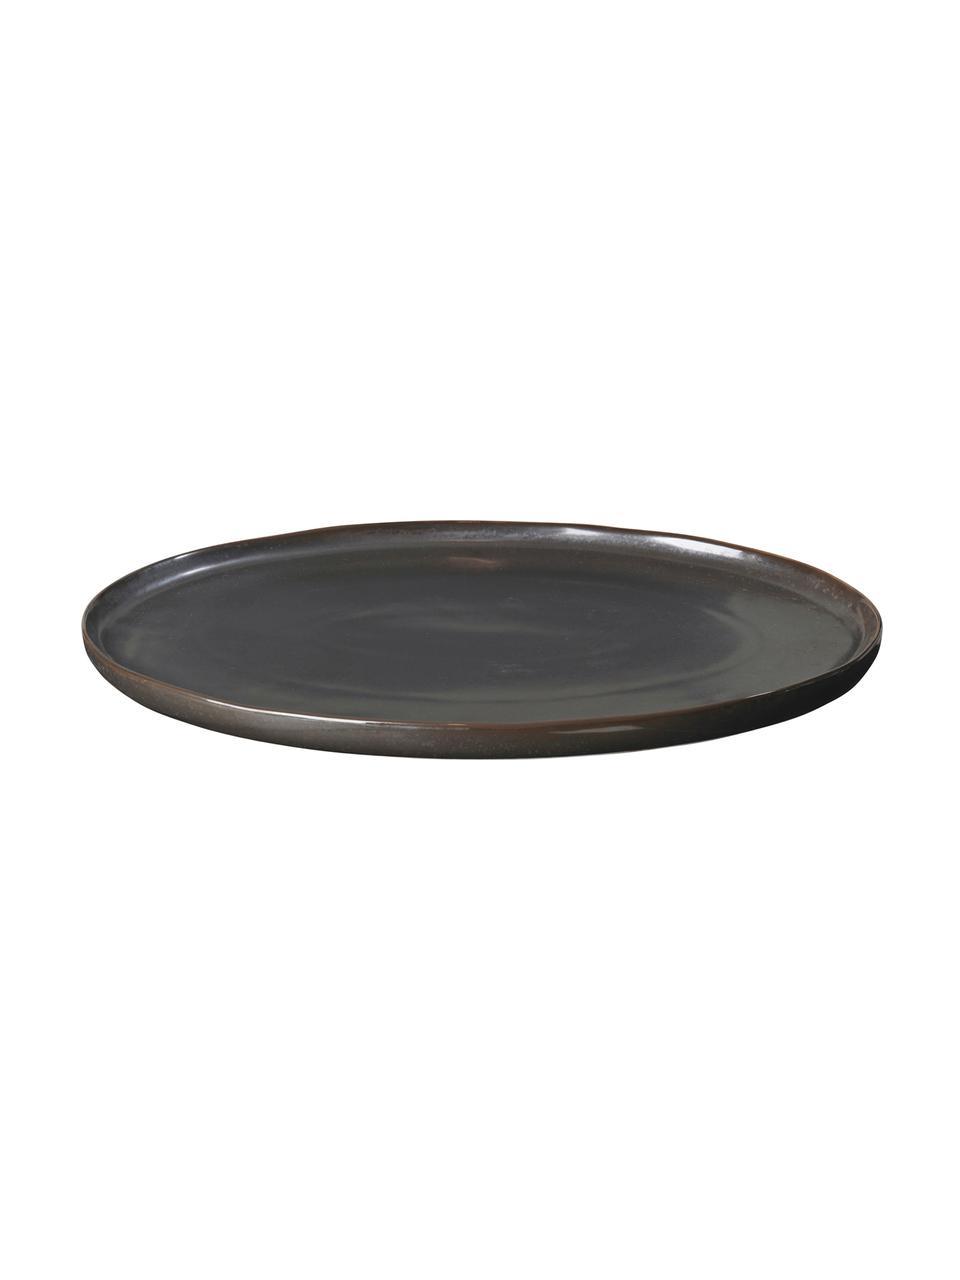 Handgemachte Servierplatte Esrum Night, B 26 x L 39 cm, Steingut, glasiert, Graubraun, matt silbrig schimmernd, 26 x 39 cm